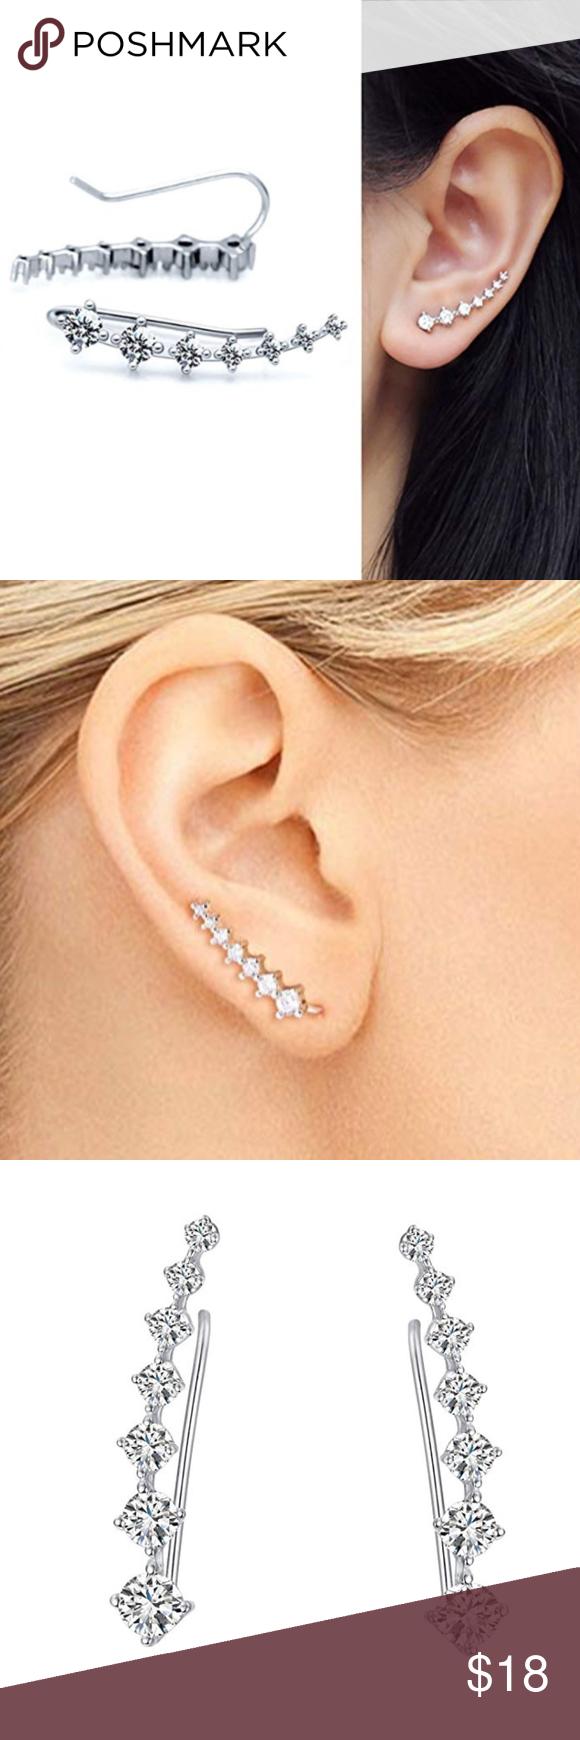 All Colors Hypoallergenic Piercing Ear Cuffs Boutique Ear Piercings Ear Piercing Places Ear Climbers Earrings